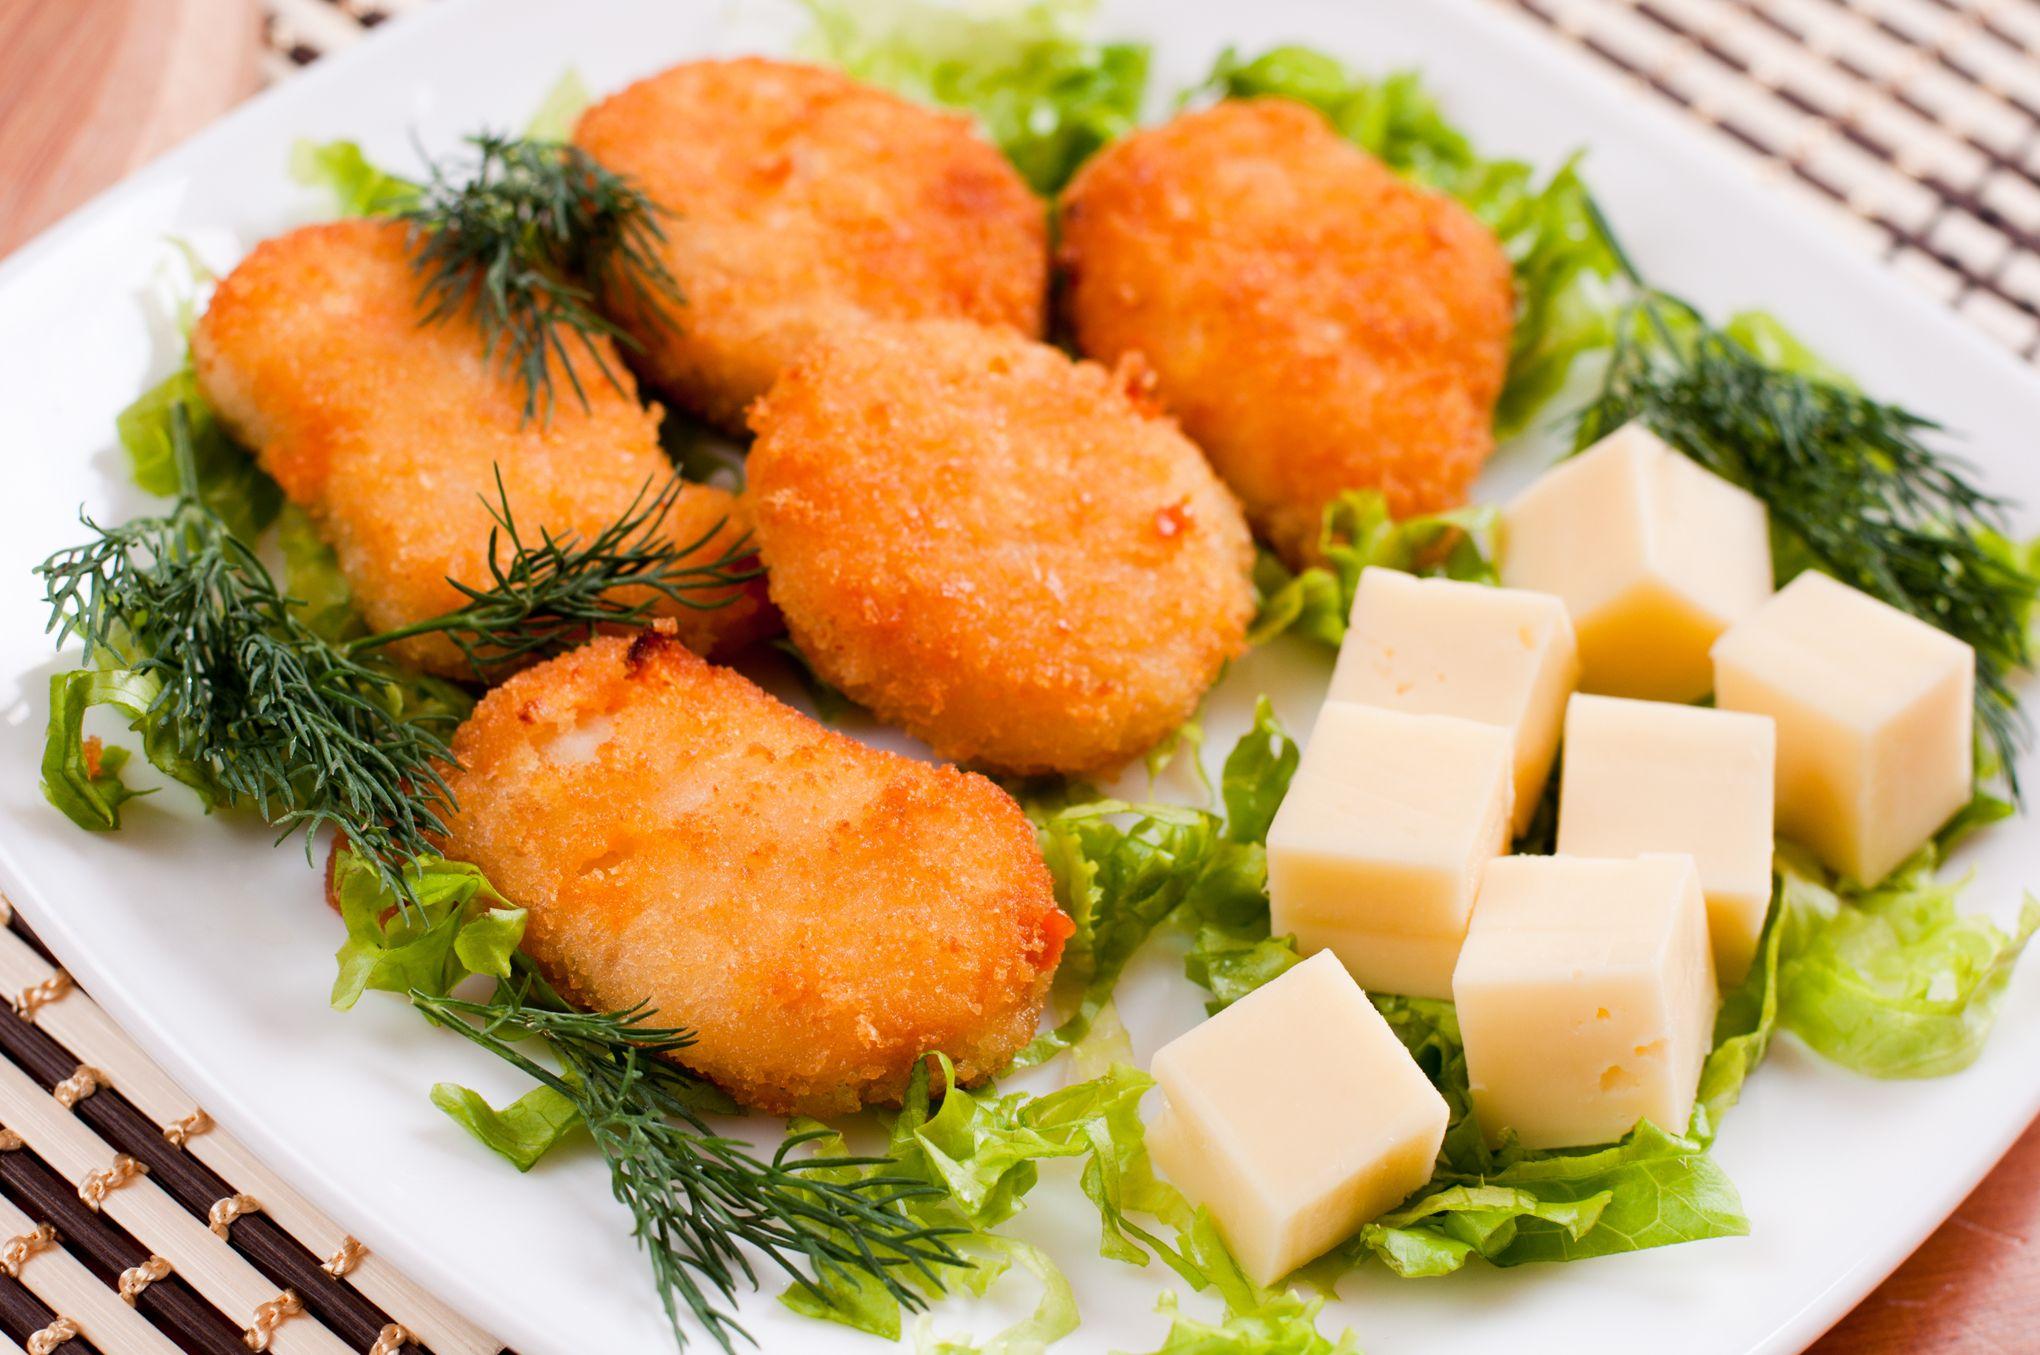 E.Leclerc rappelle des nuggets de fromage soupçonnés de contenir du plastique